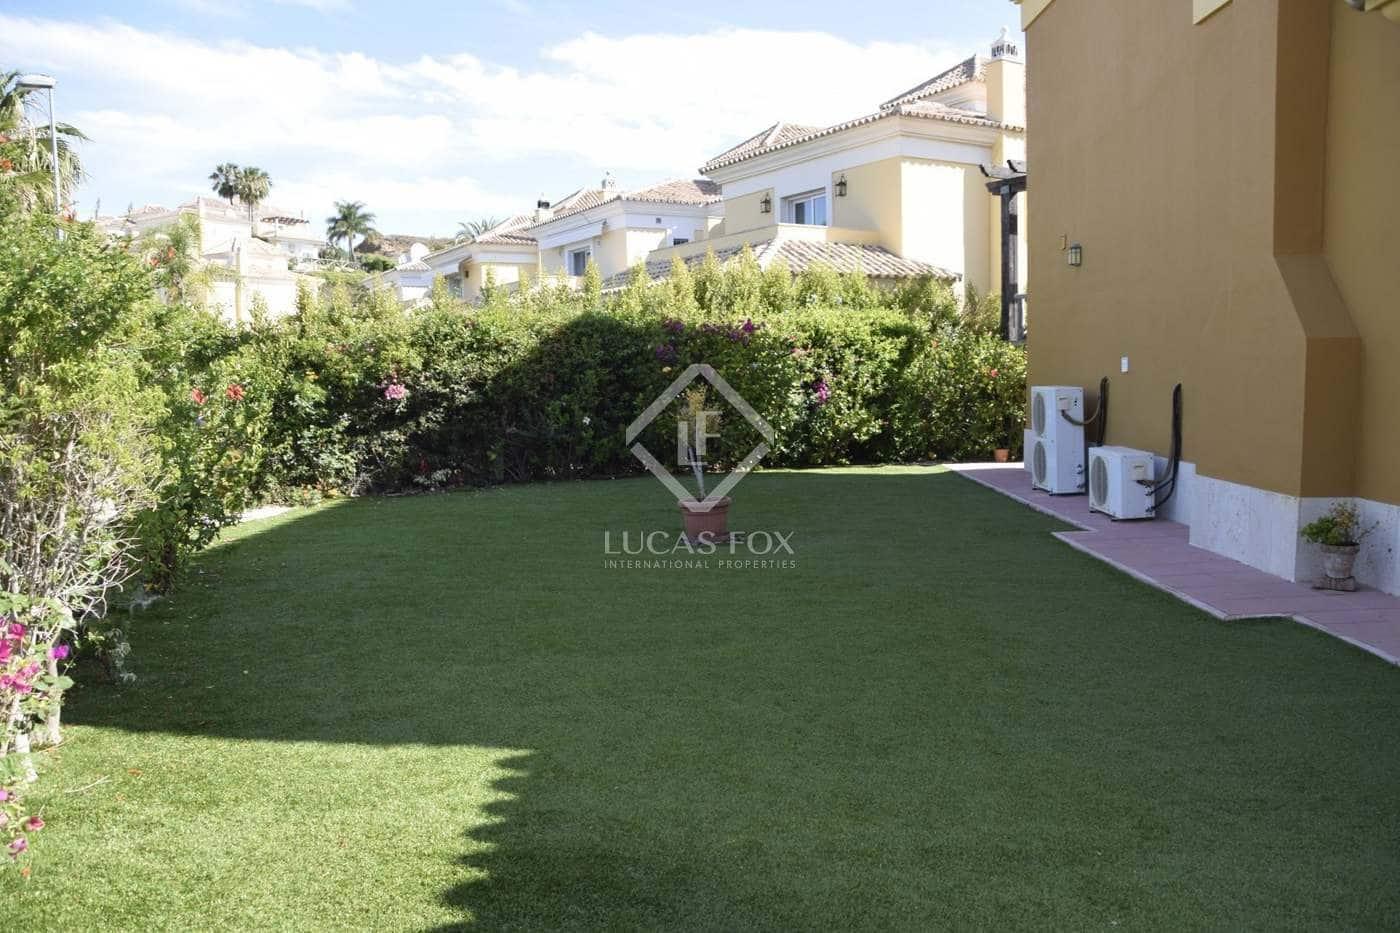 3 bedroom Villa for sale in Marbella with garage - € 570,000 (Ref: 4650029)